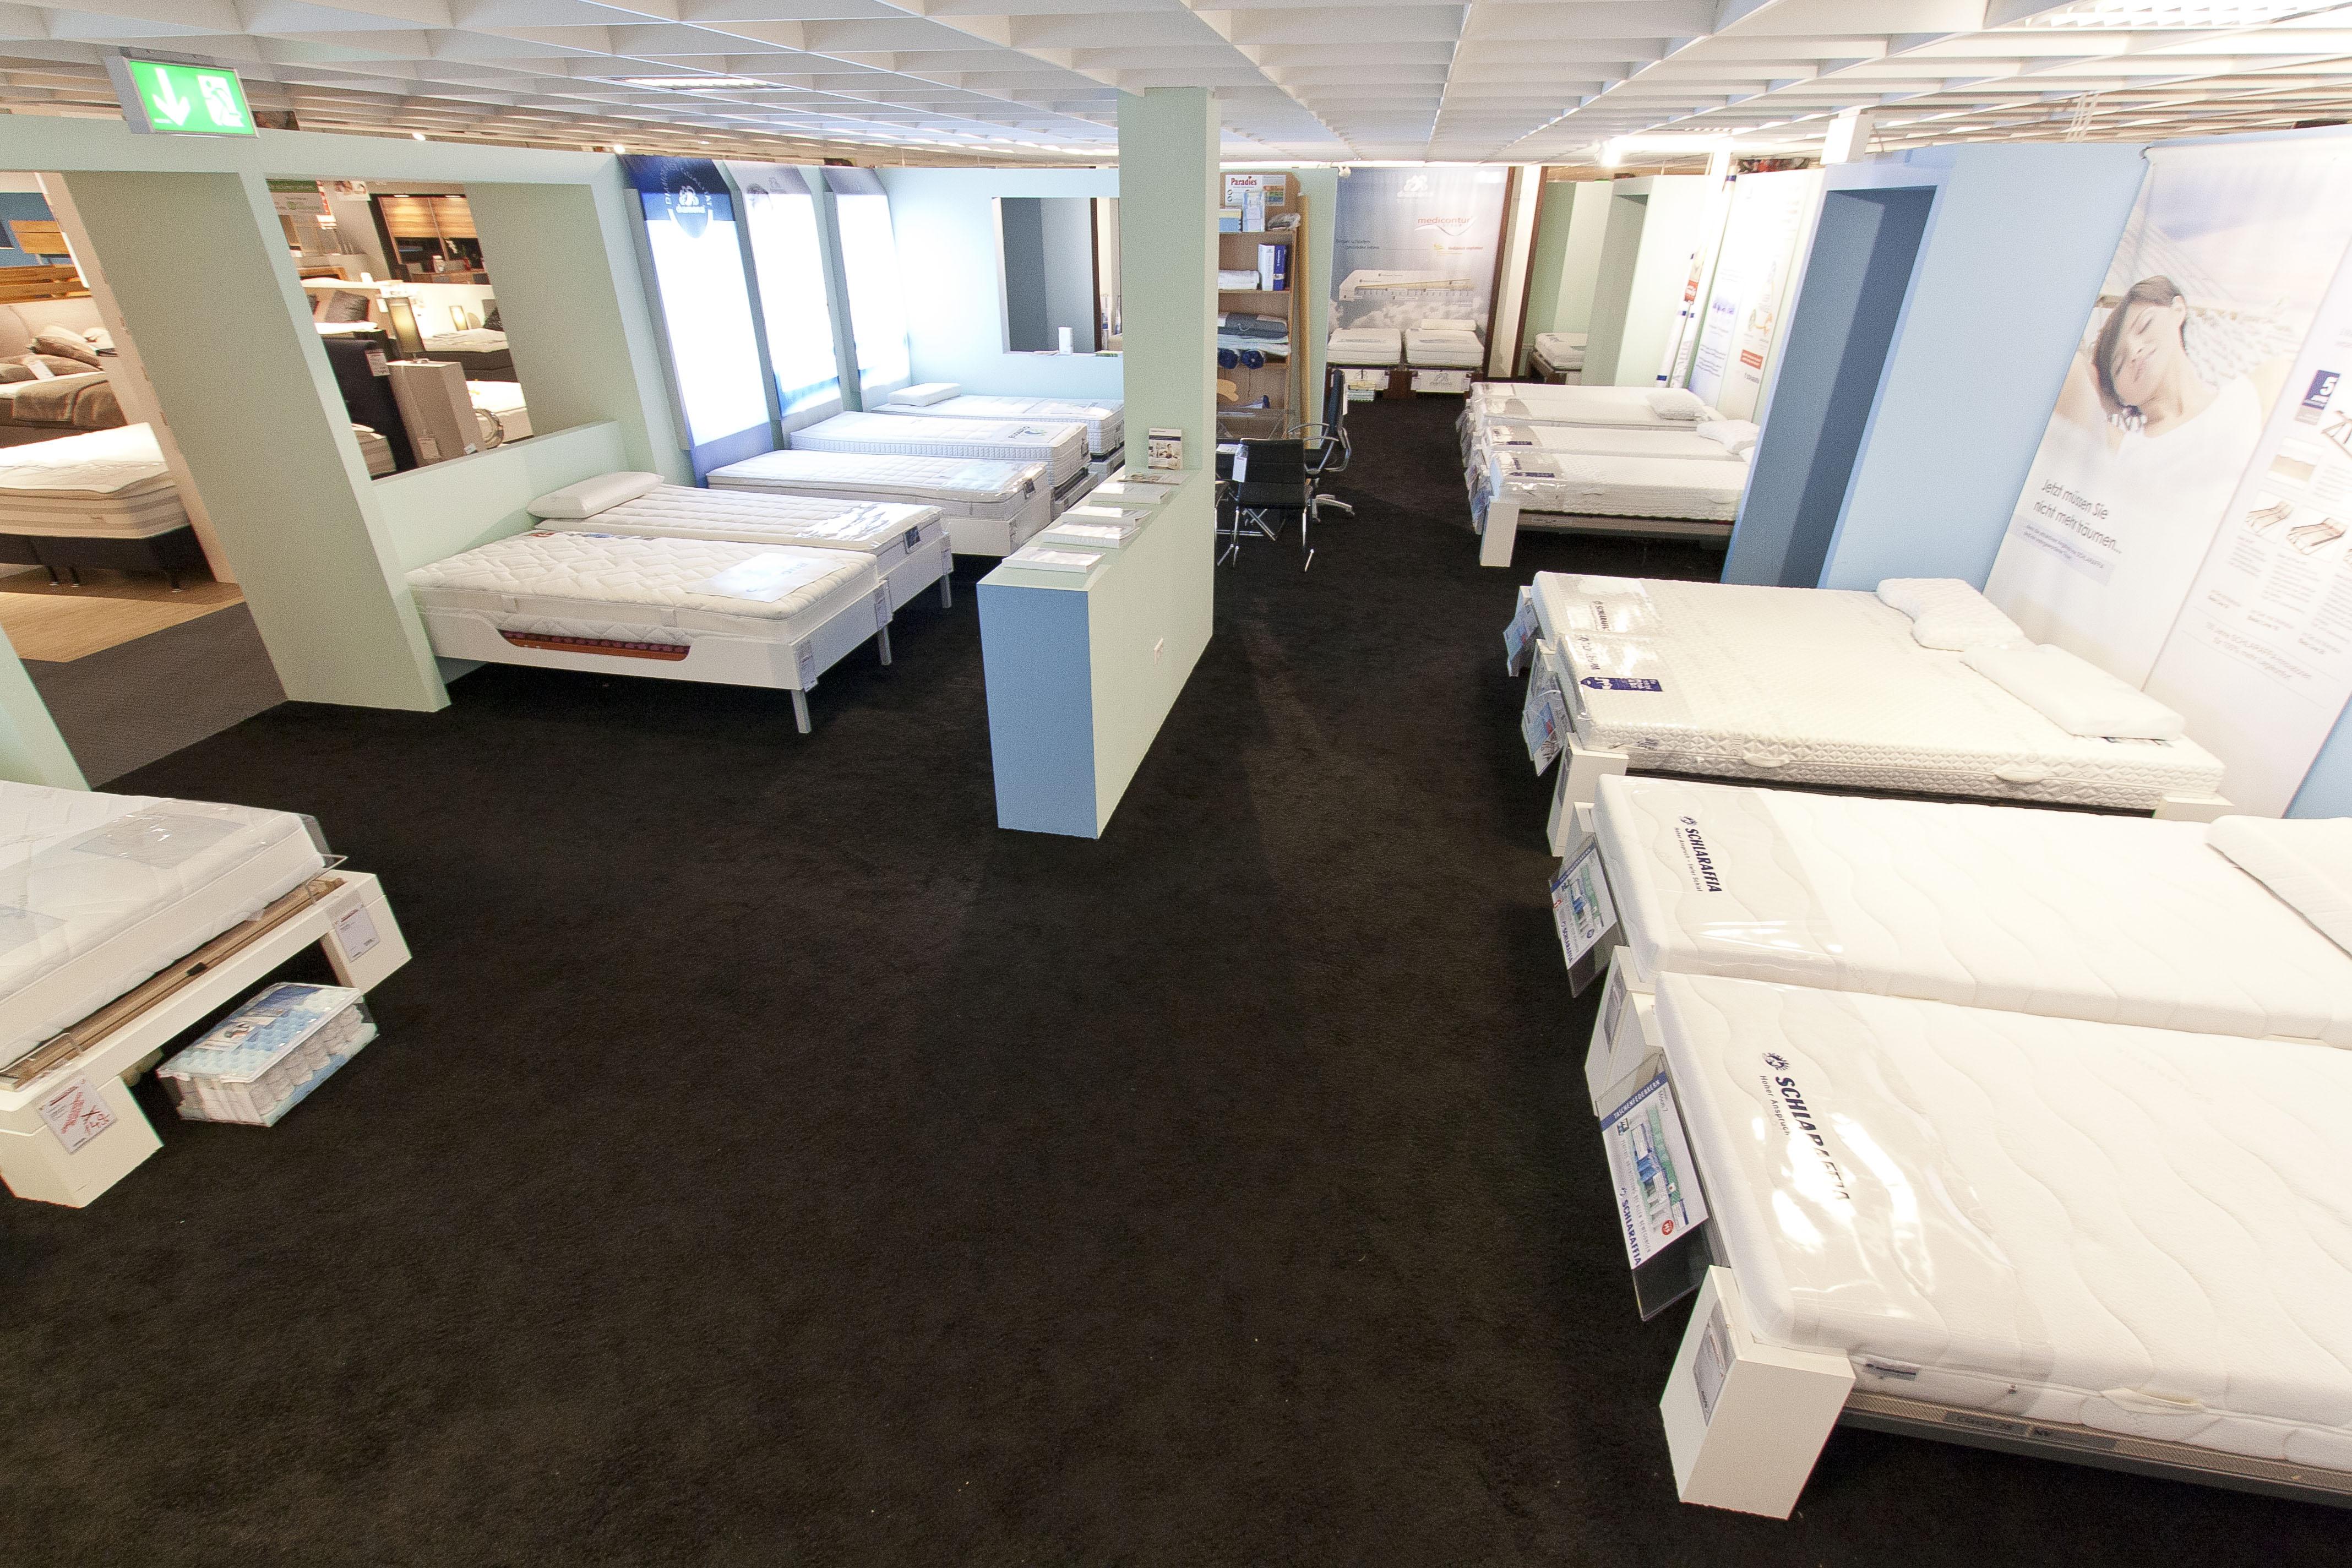 interliving strohmeiergilb in bellheim m bel und k chen in bellheim einkaufszentren und. Black Bedroom Furniture Sets. Home Design Ideas